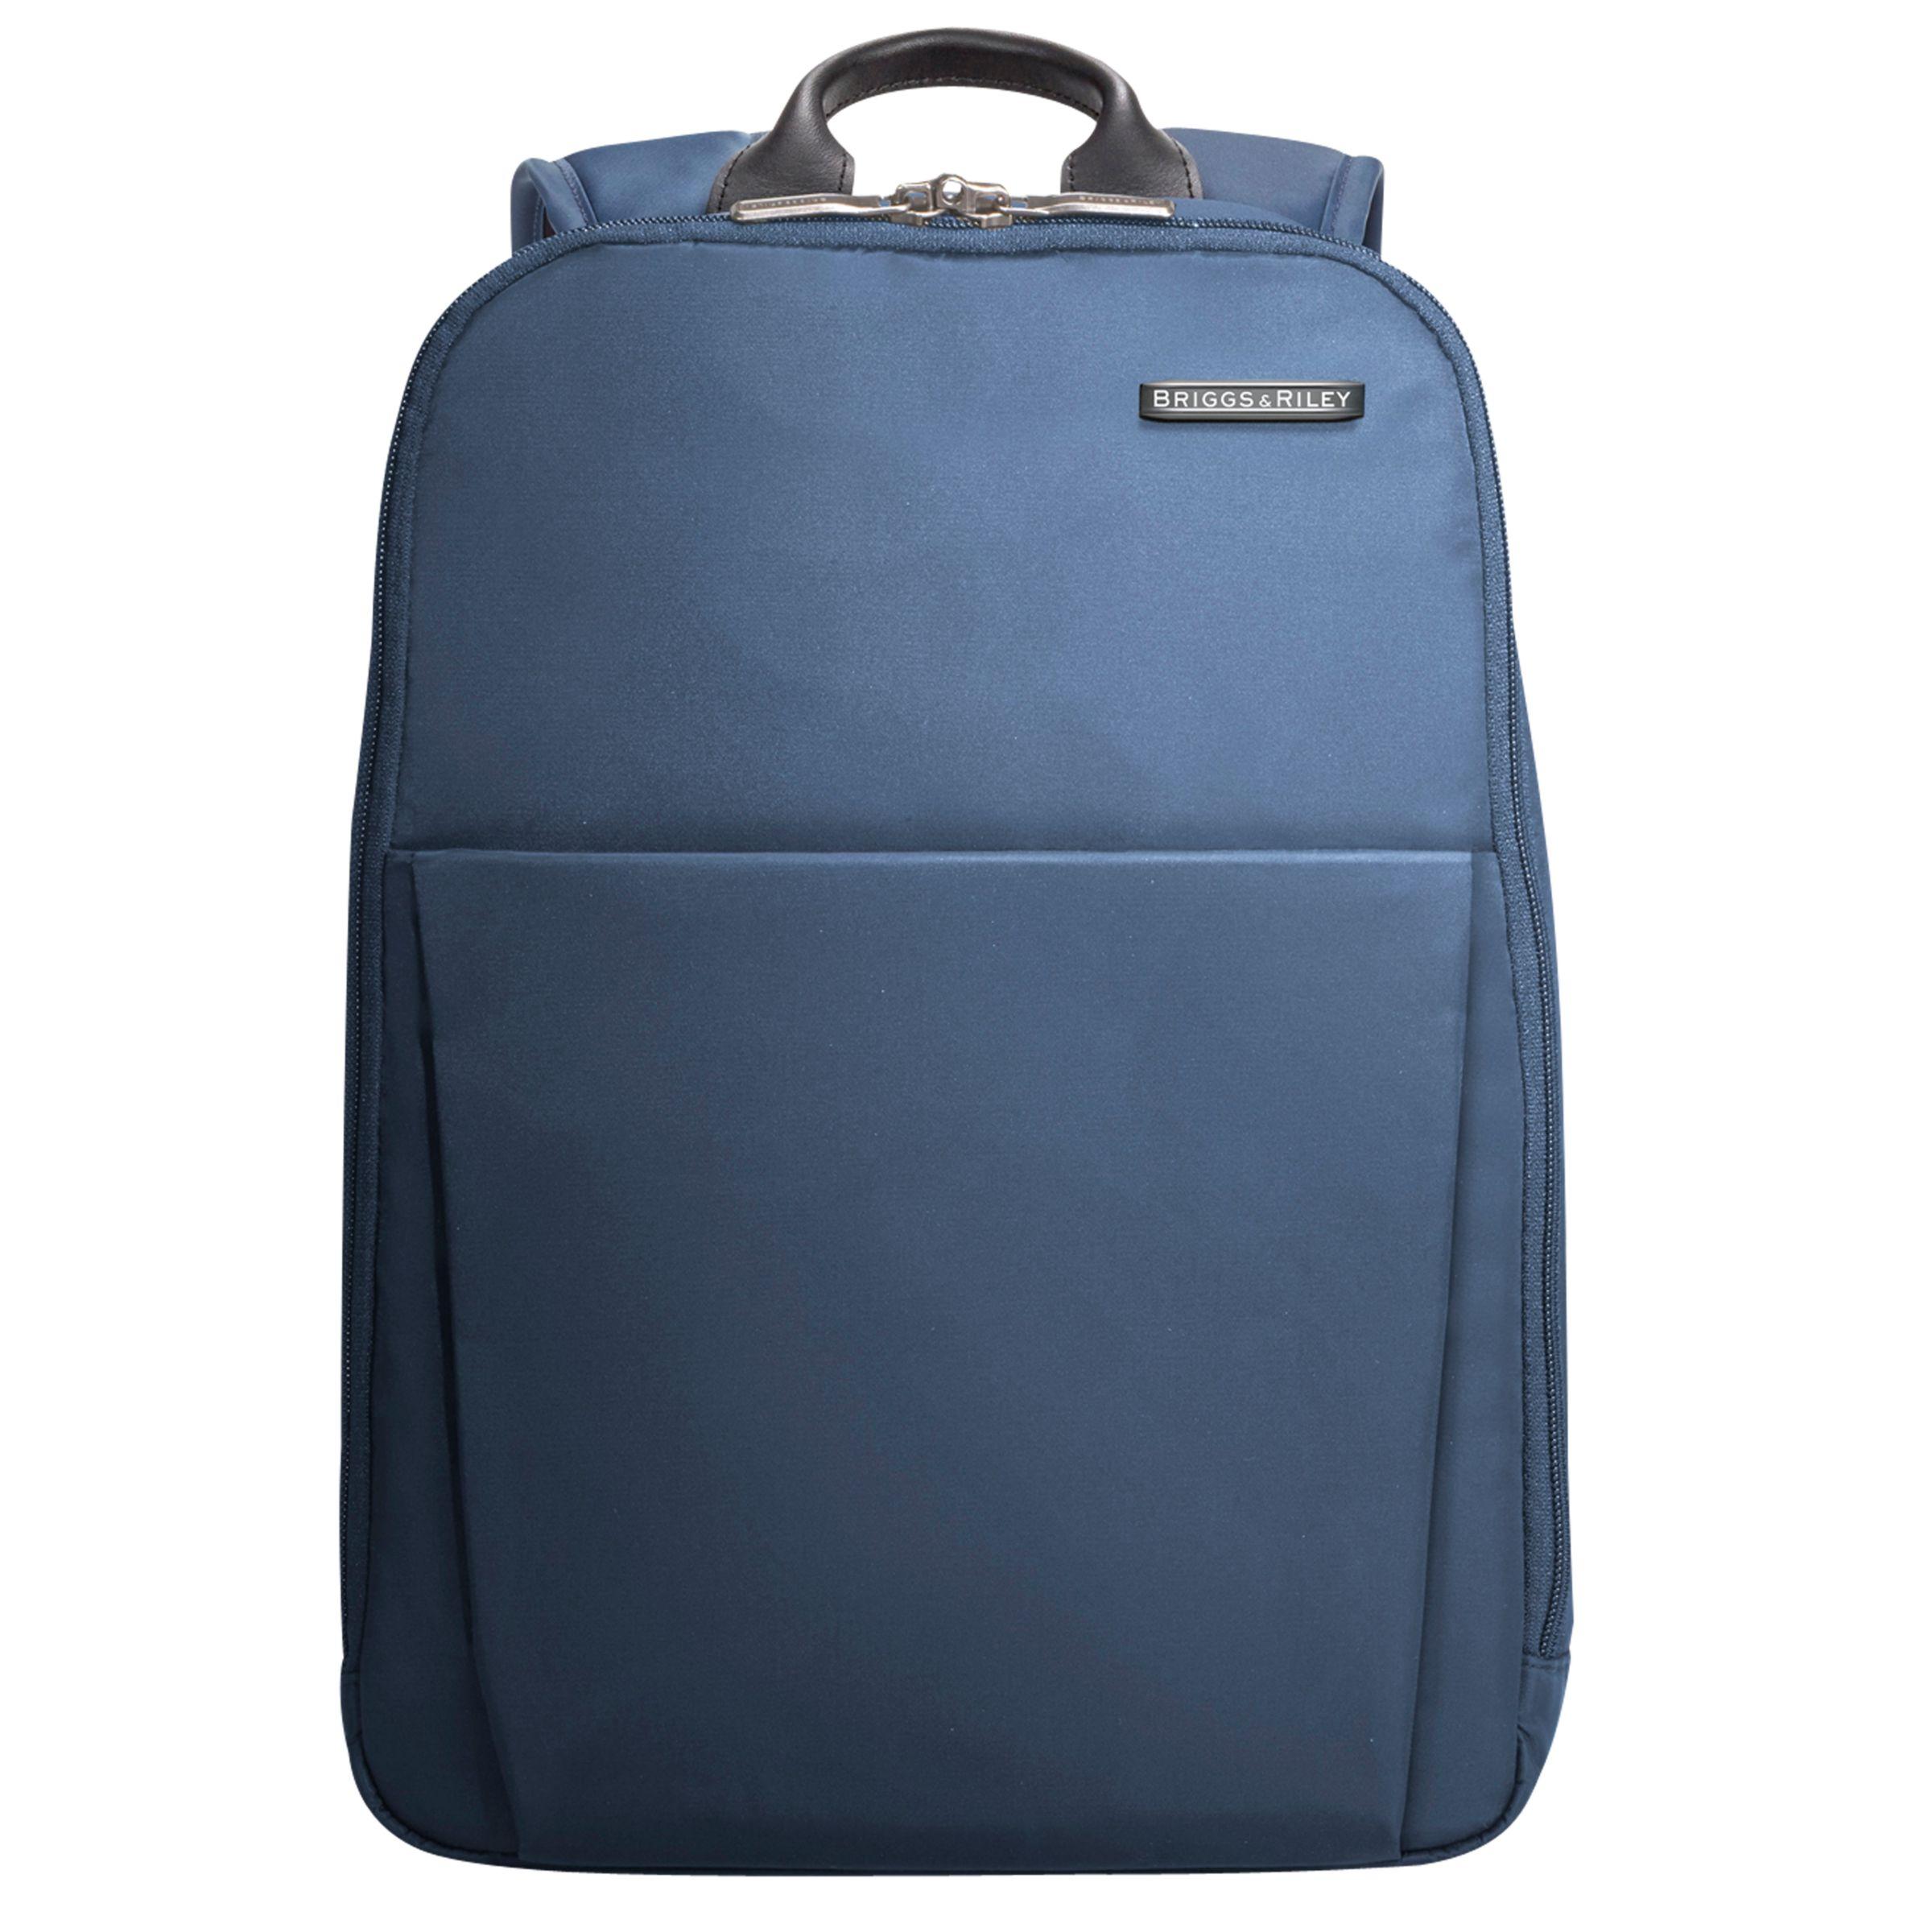 Briggs & Riley Briggs & Riley Sympatico 15.6 Laptop Travel Backpack